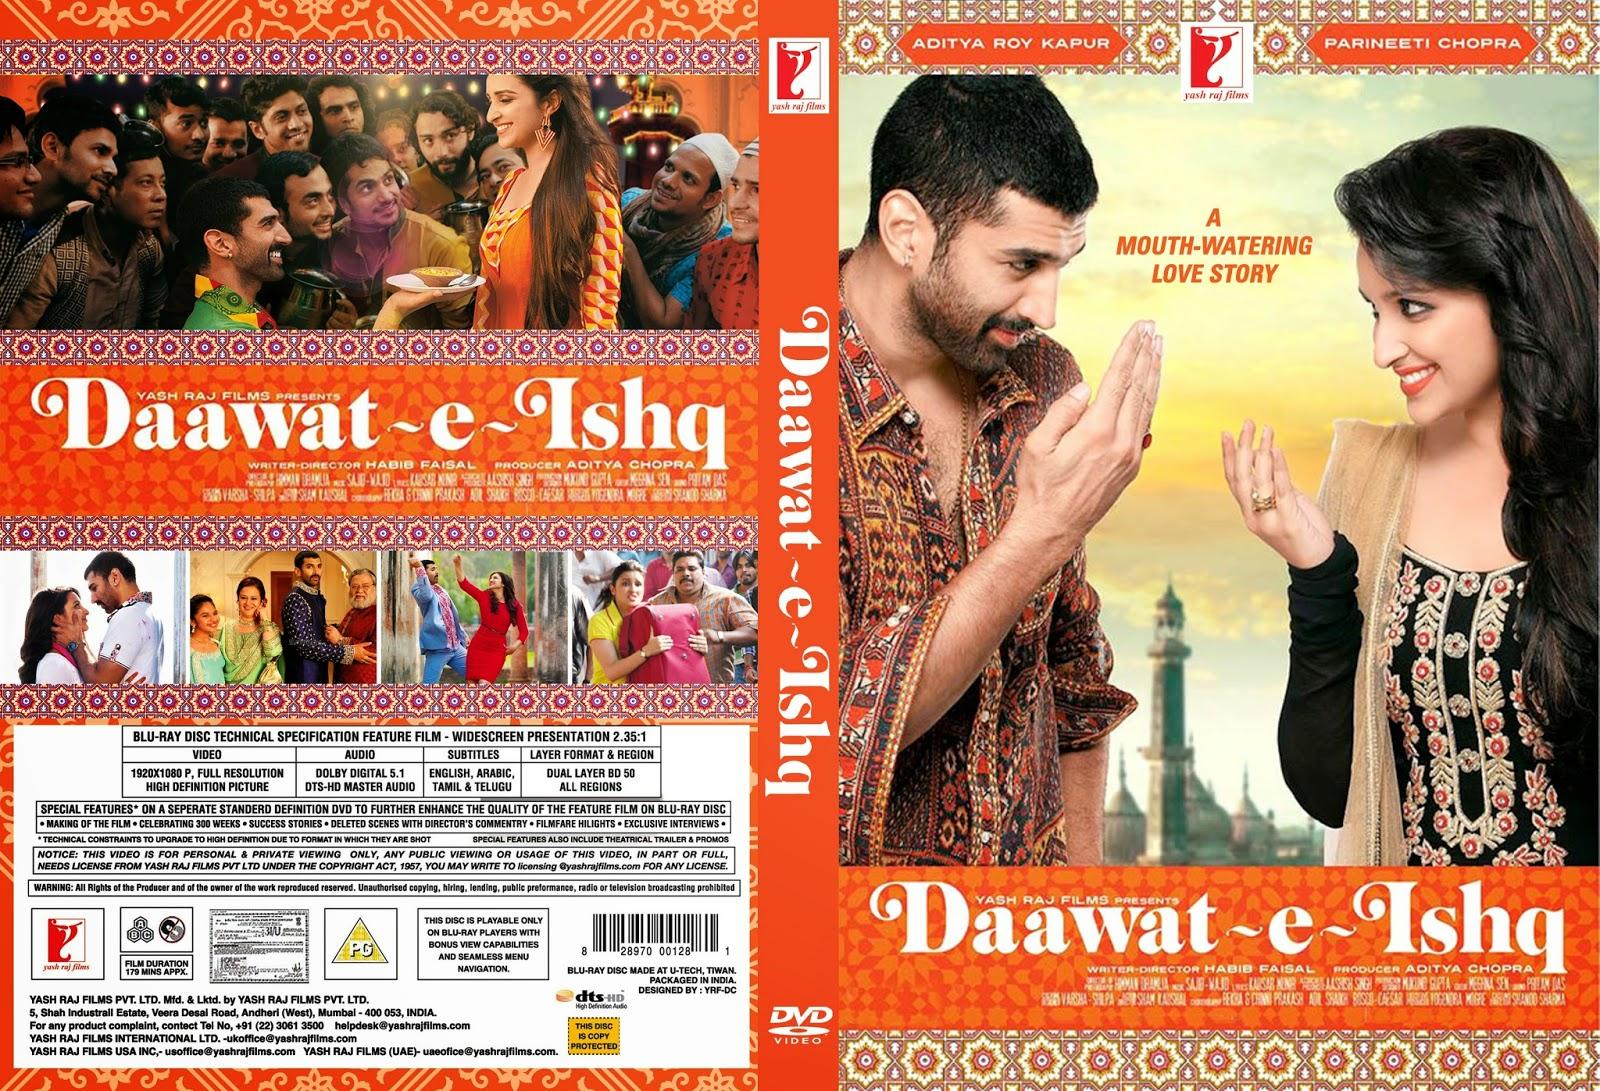 Daawat-e-Ishq (2014) 1CD DvDSCR - Torrent 720p Movies Daawat E Ishq